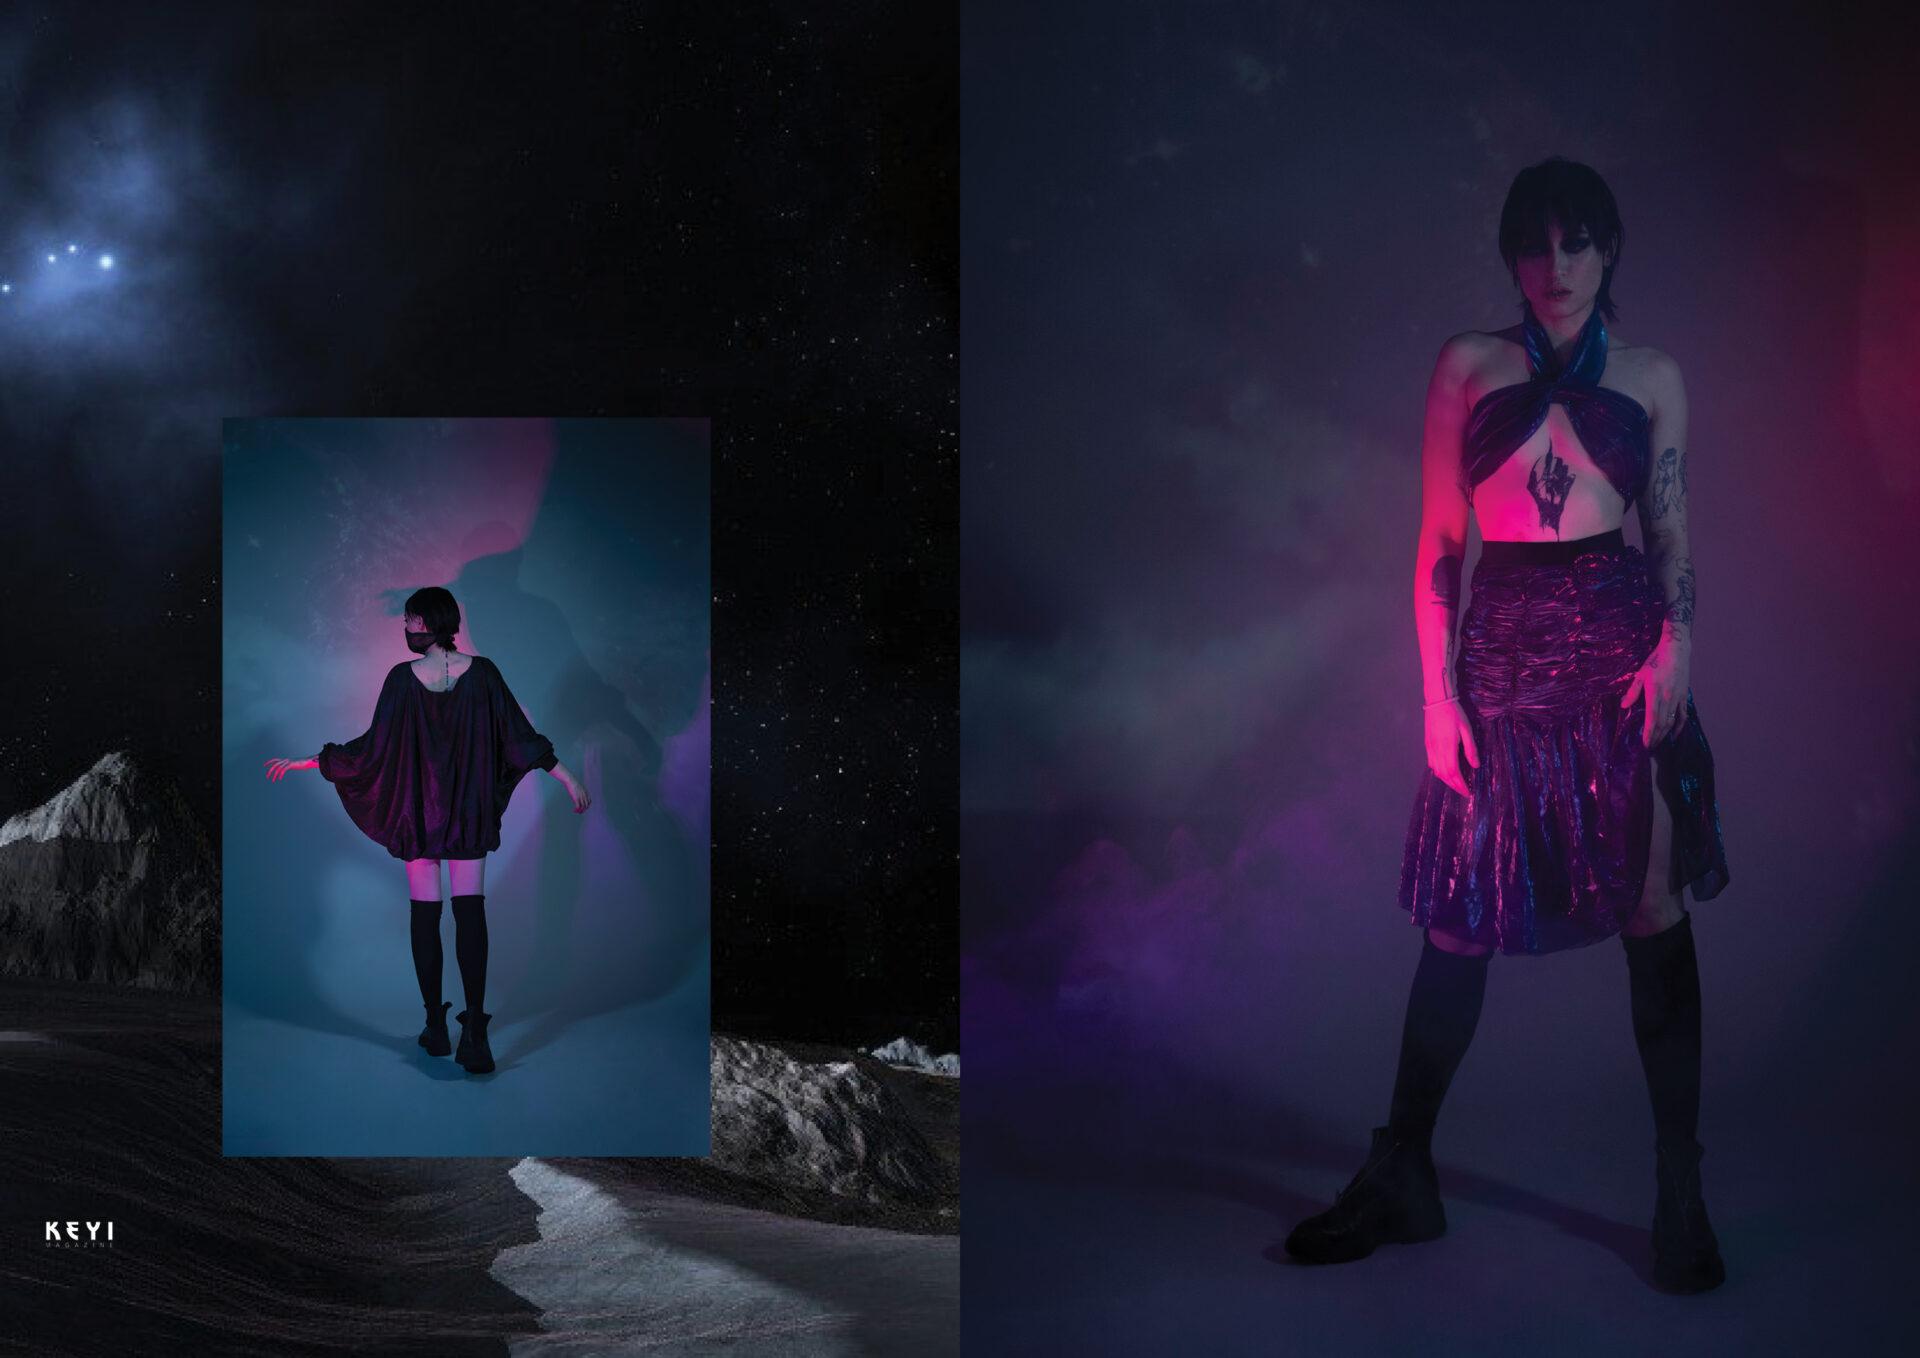 LOOKBOOK:Vicious Black by KEYI STUDIO with Lueasy. Make up by Karina Evdokimova. Styling by Iwona Krzyżaniak.